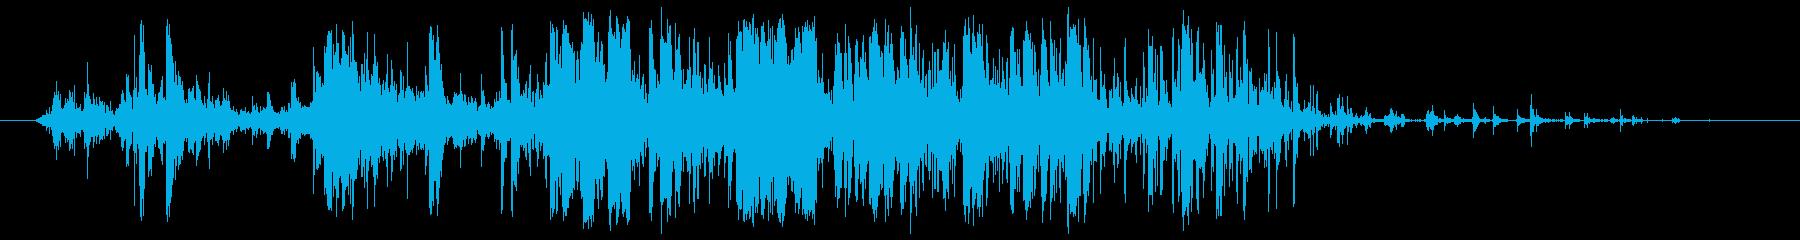 落ち葉を強く握る 踏む(クシャリィ)の再生済みの波形